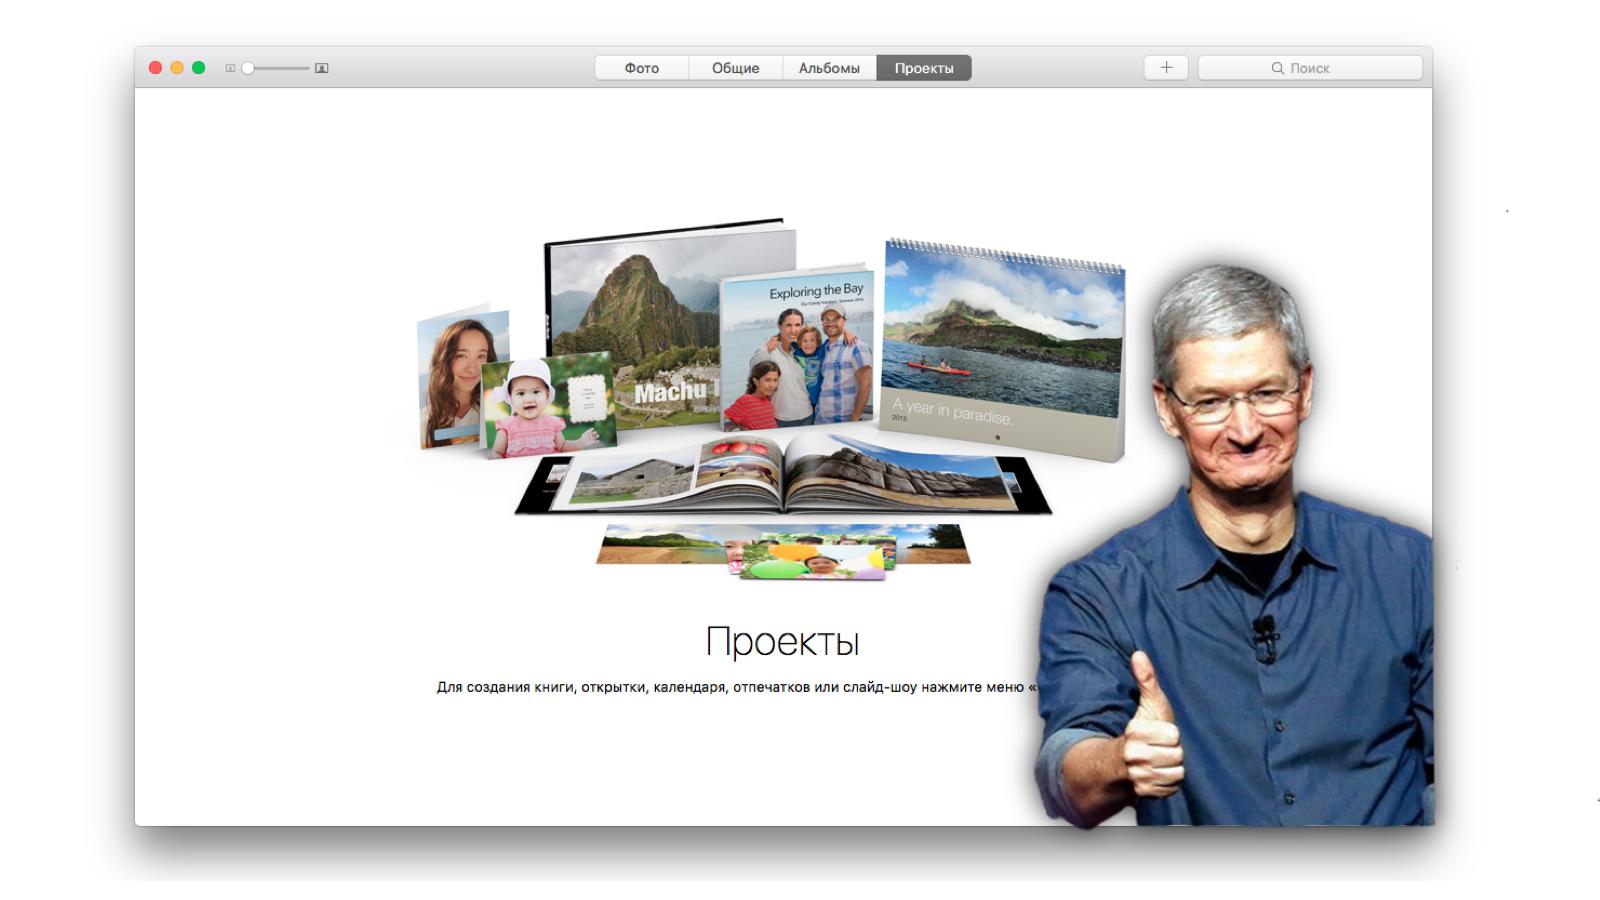 Как отключить автозапуск Фото на Mac при подключении iPhone и iPad